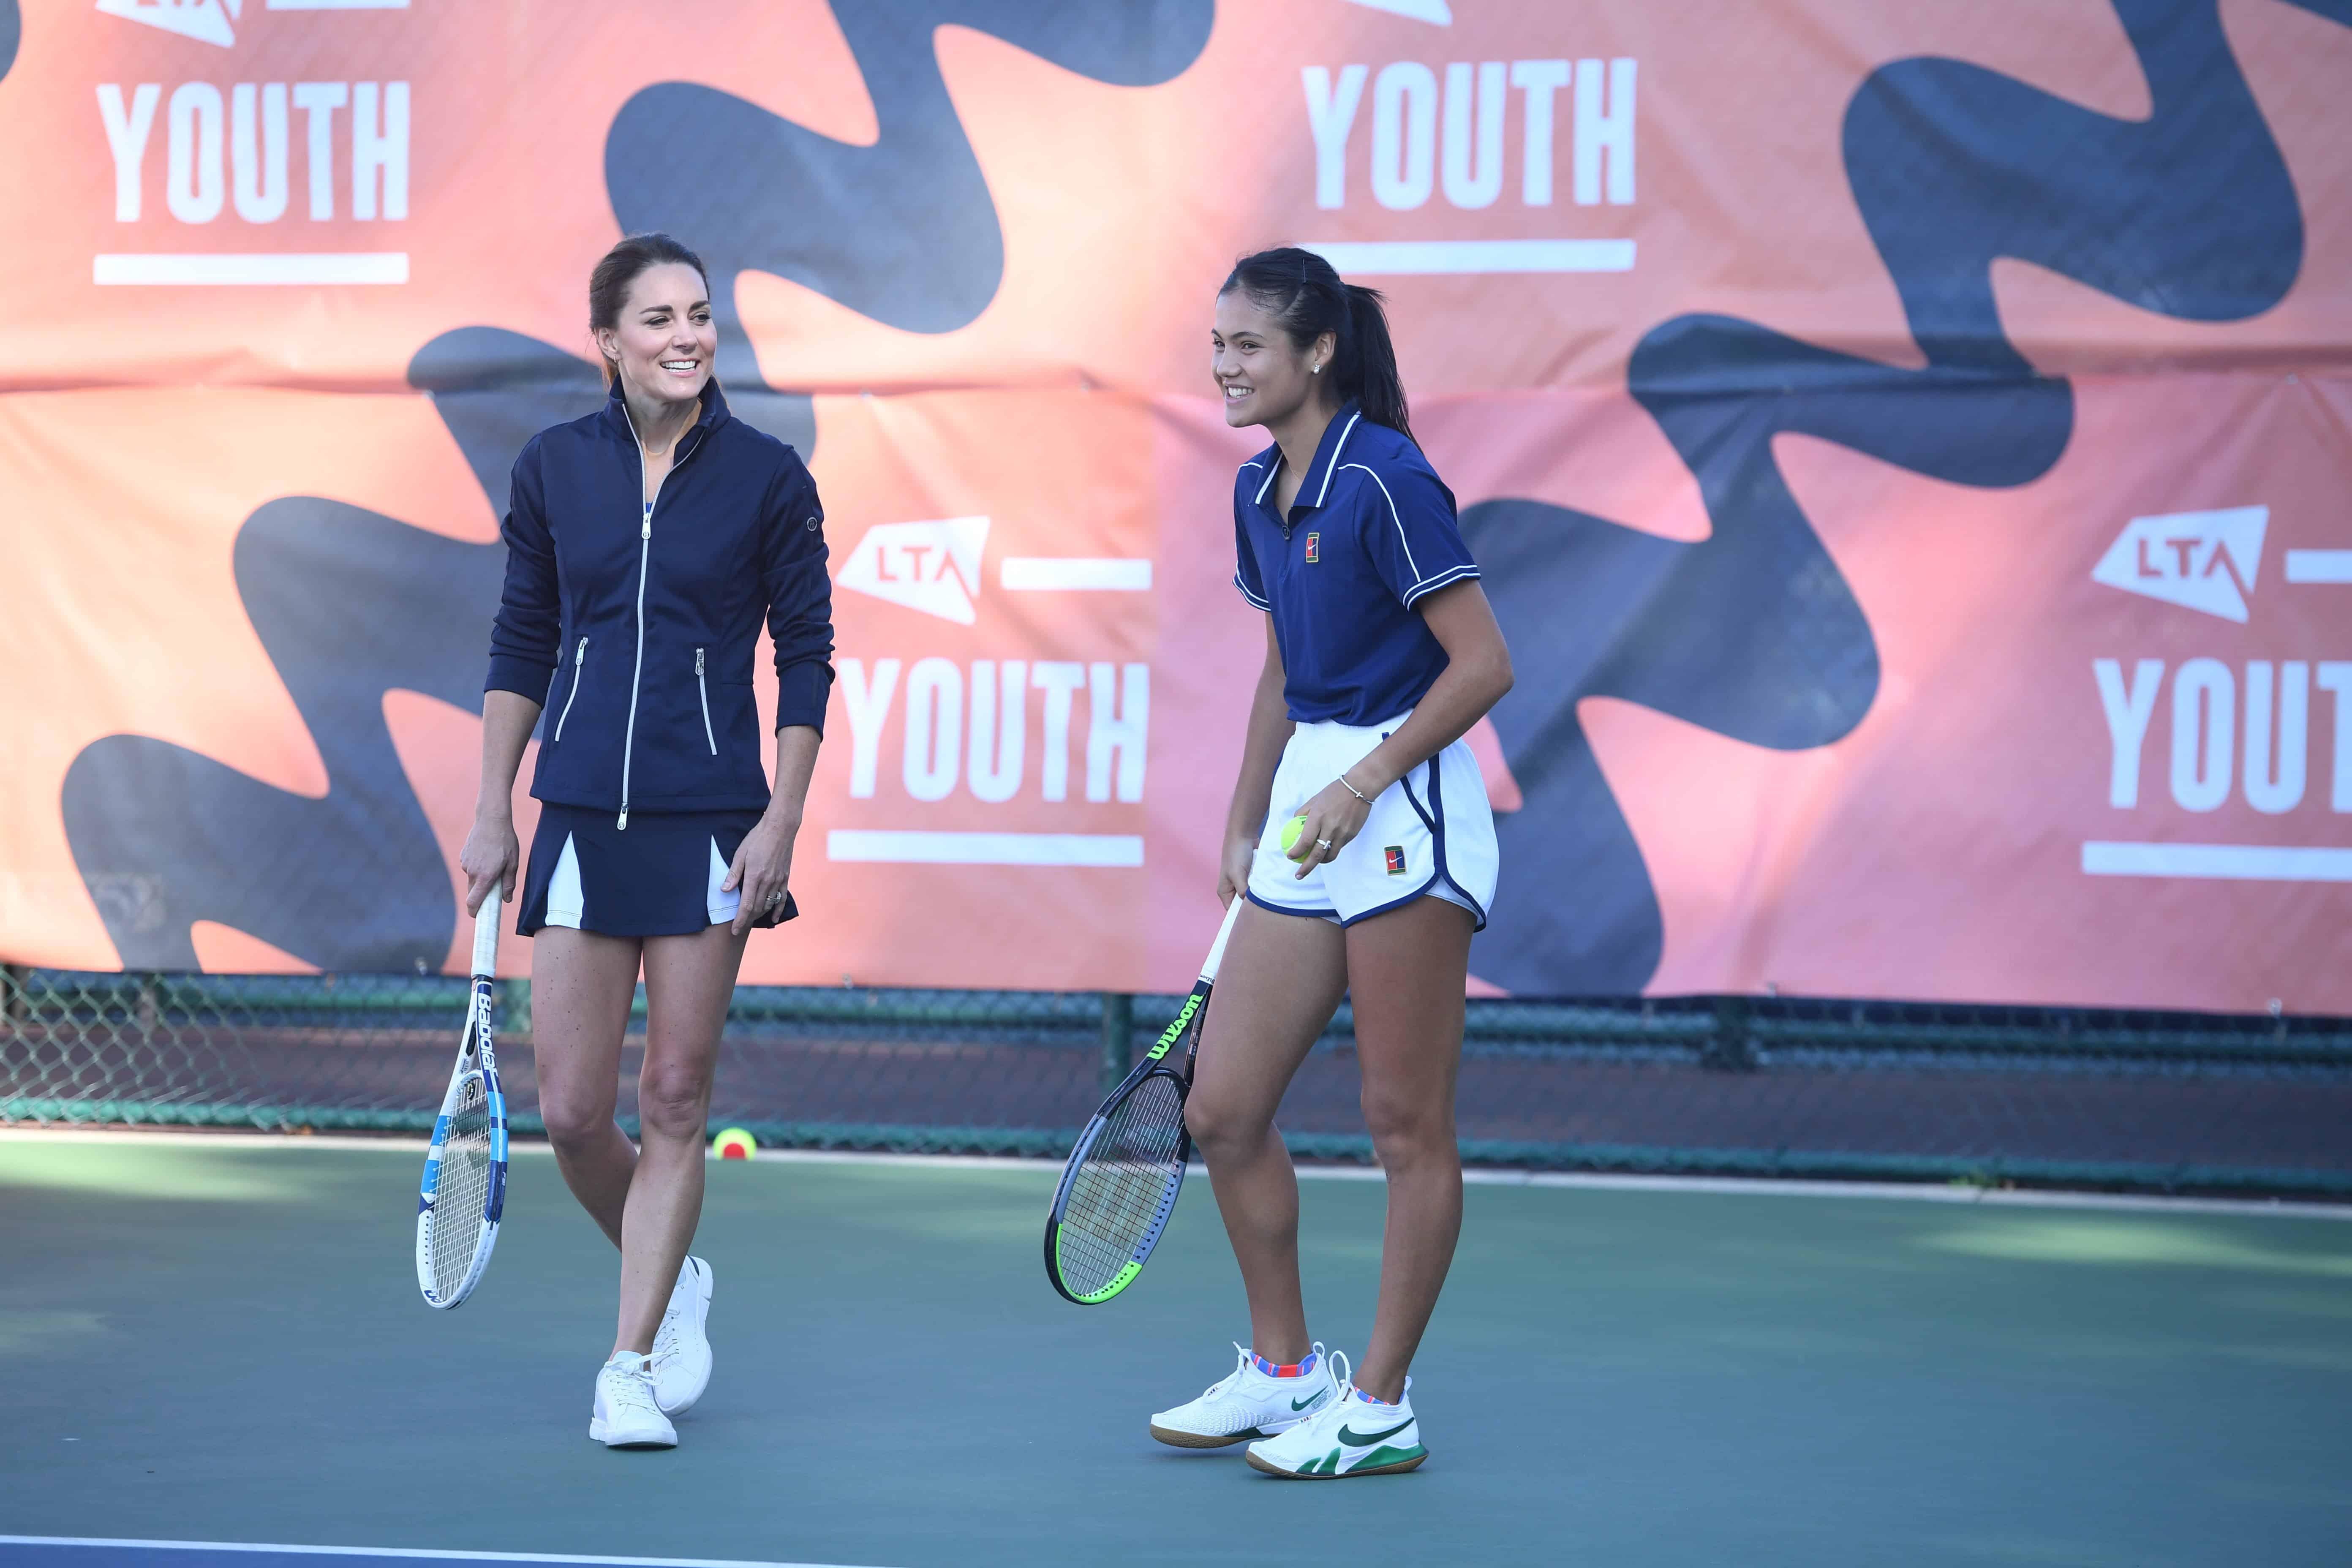 Herzogin Kate macht beim Tennis eine gute Figur